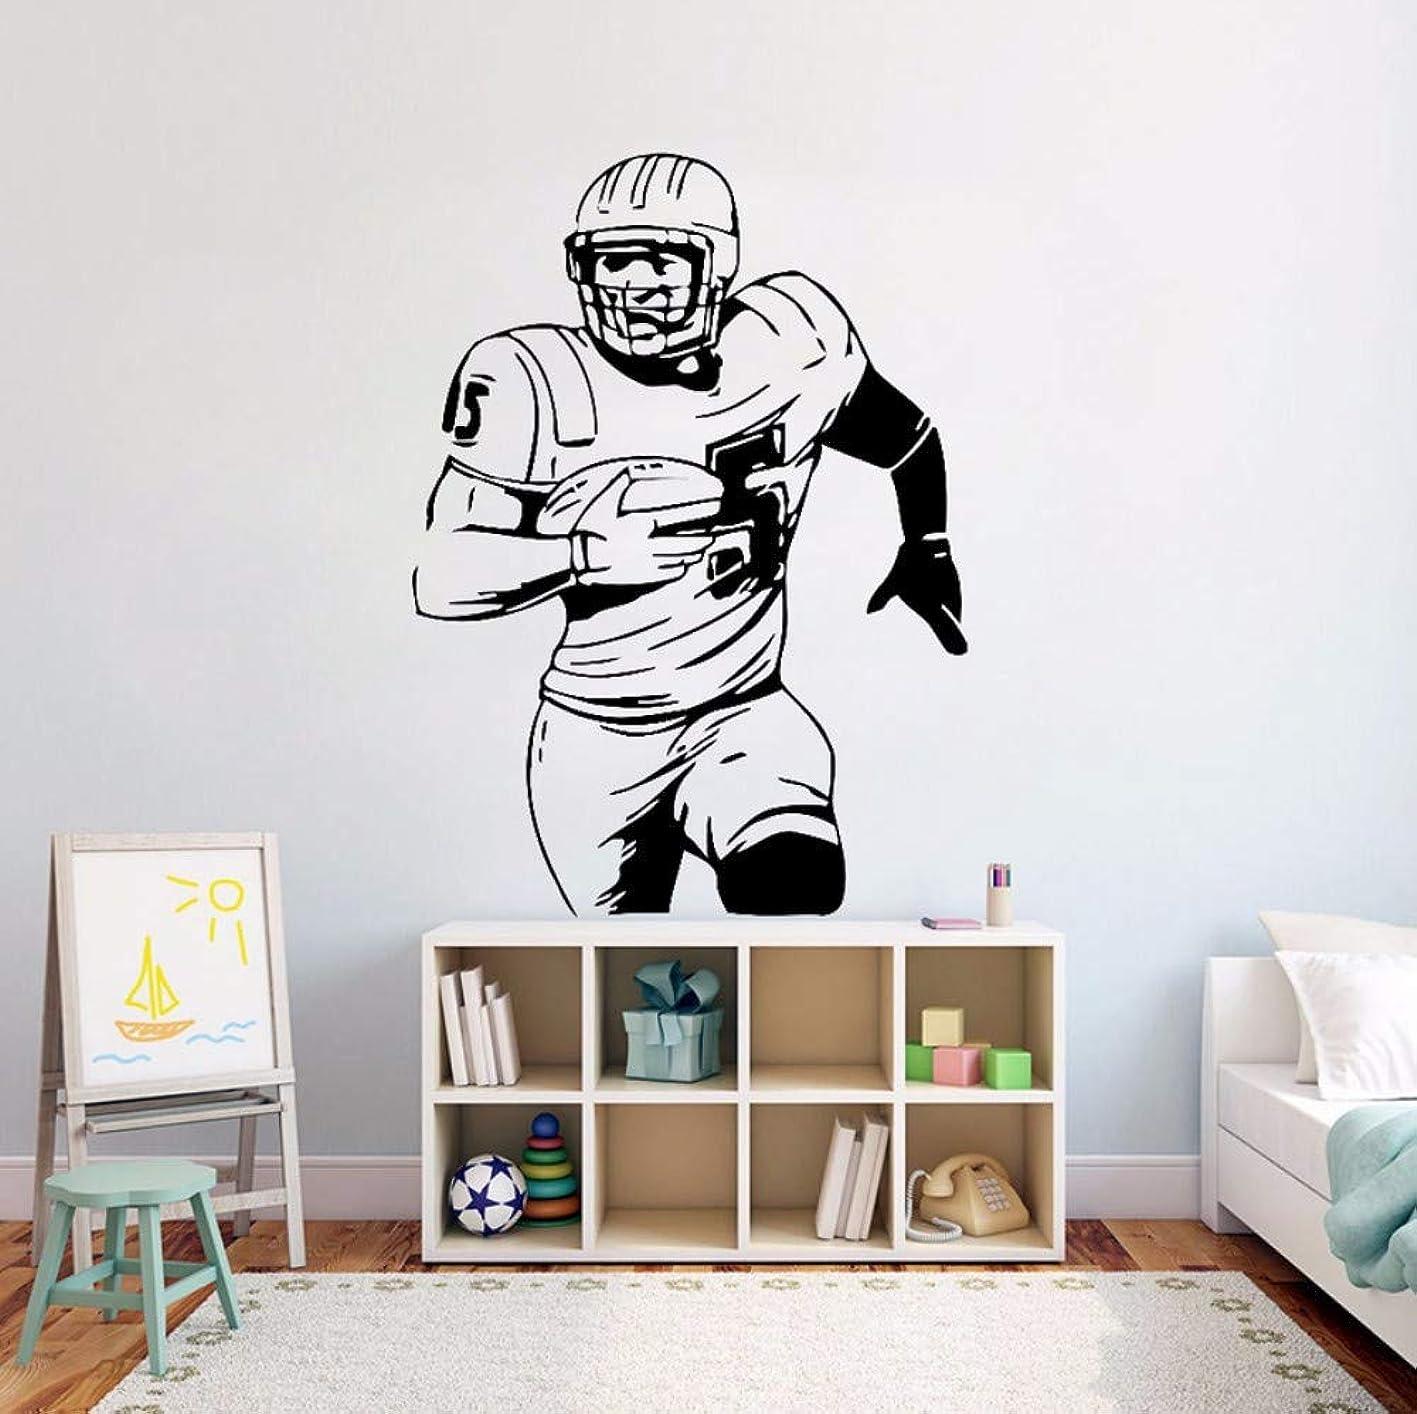 姿勢うぬぼれ動Ansyny ?アメリカンフットボールの壁ビニールステッカーボールスポーツ活動壁デカールキッズルームの装飾取り外し可能なフットボール選手の壁壁画42 * 58センチ